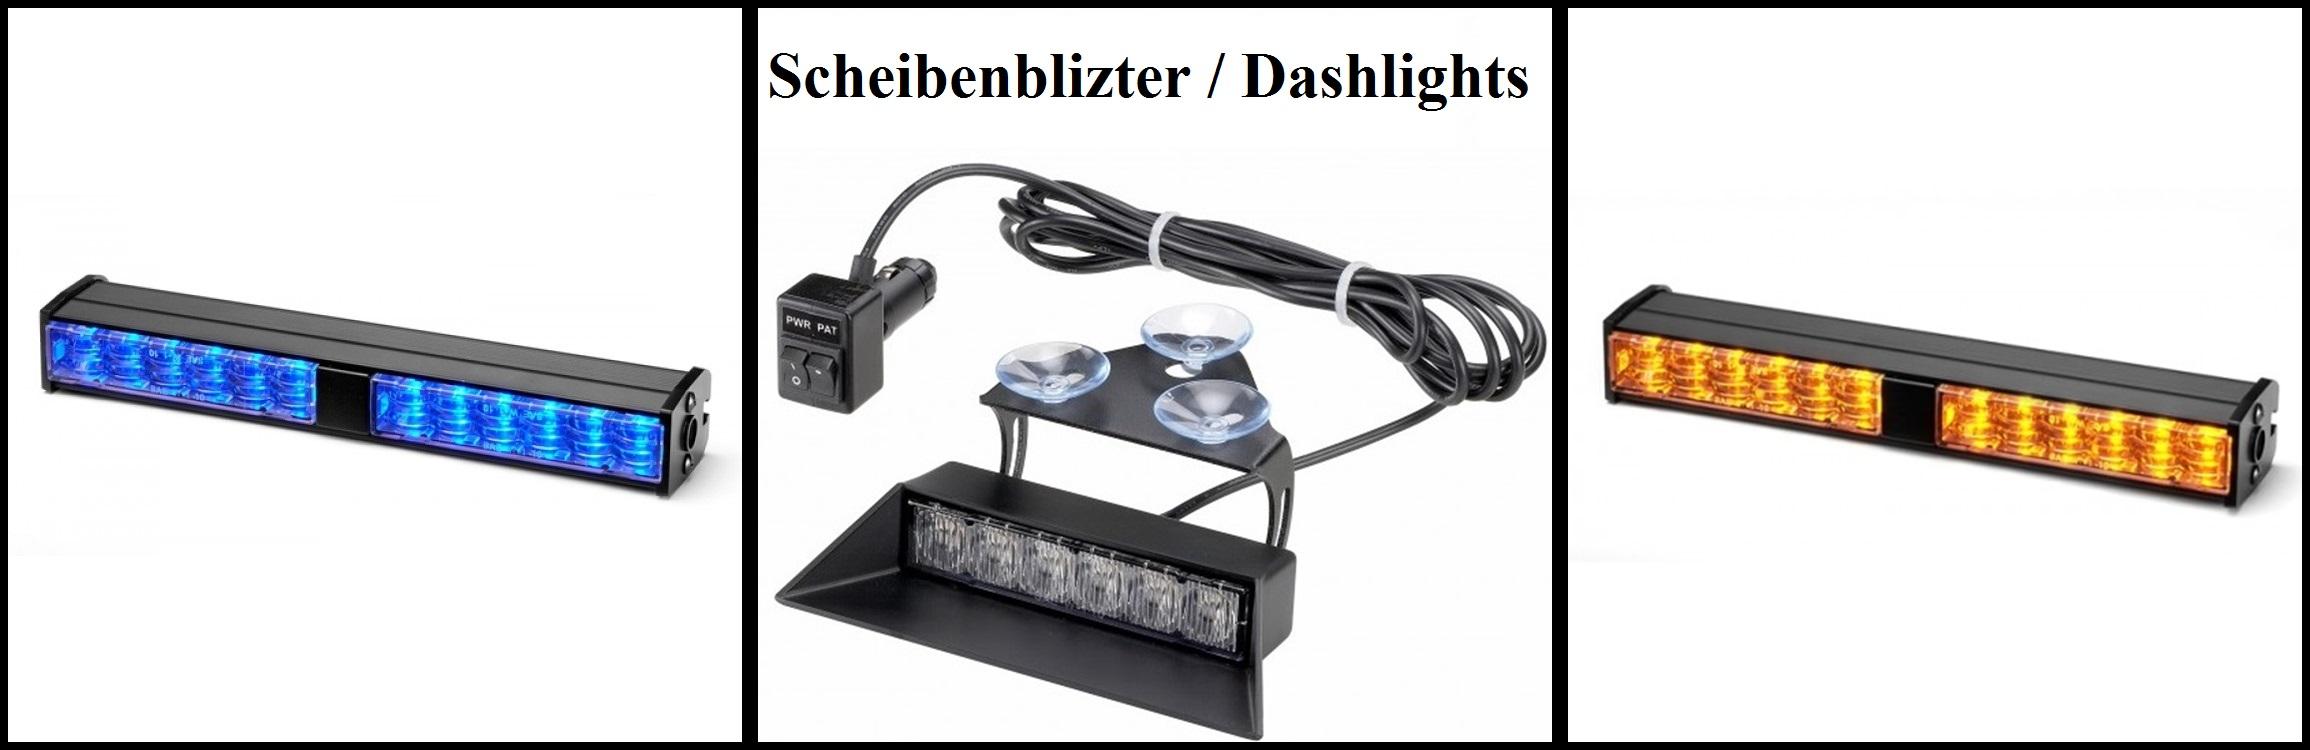 Scheibenblitzer - Dashlights